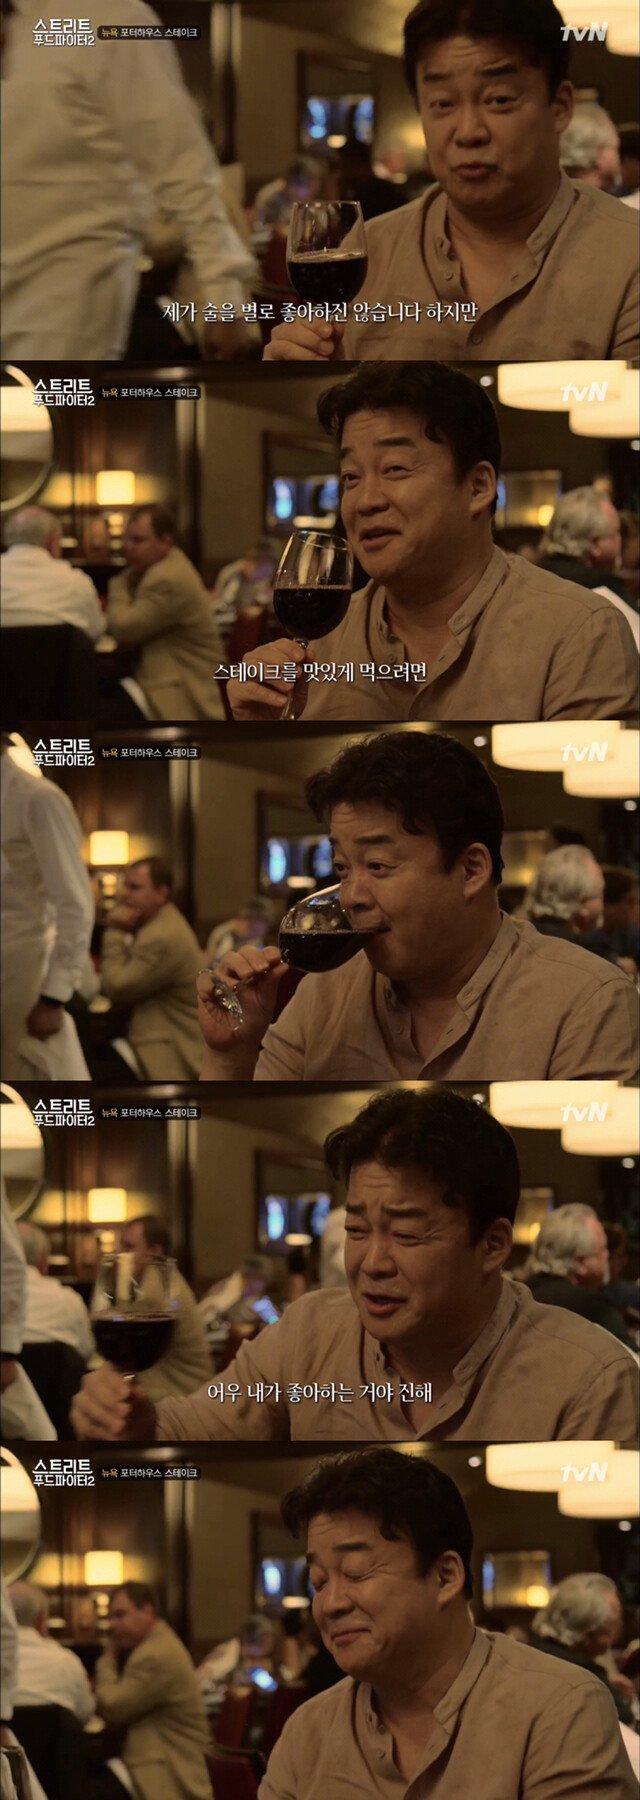 1E76791F-2E04-4671-8E4C-FA53E12BACDF.jpeg 술은 별로 안 좋아한다는 백종원 ㅋㅋㅋㅋㅋ.jpg